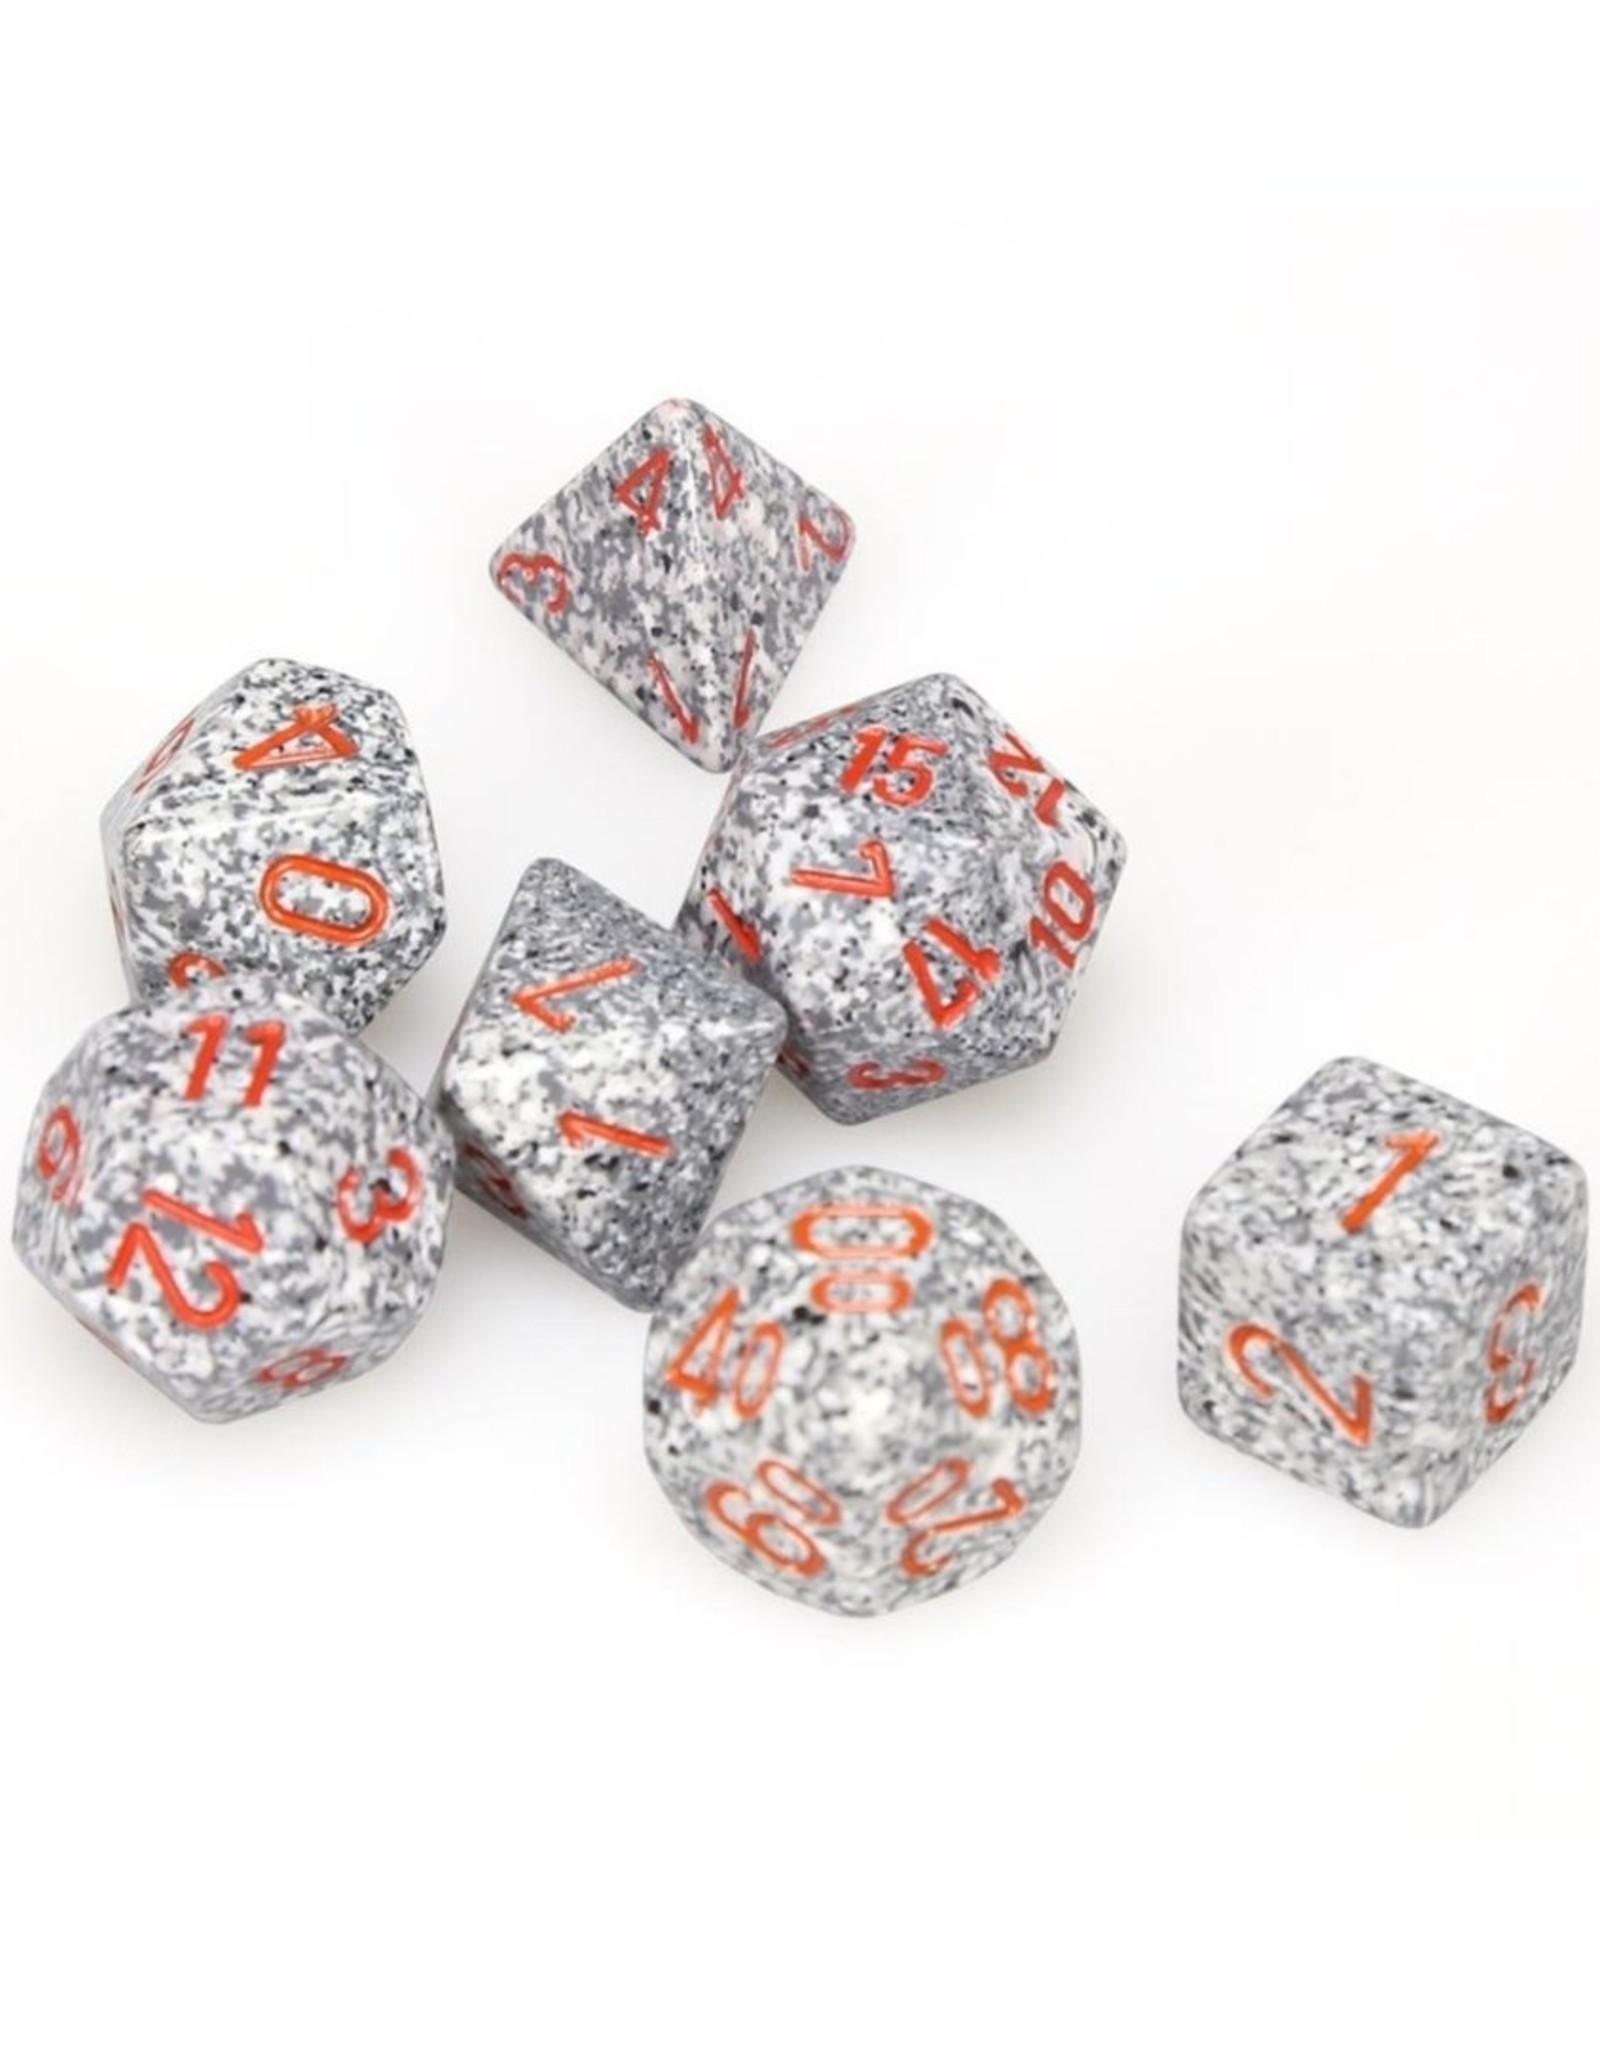 Chessex Chessex 7-Die set Speckled - Granite